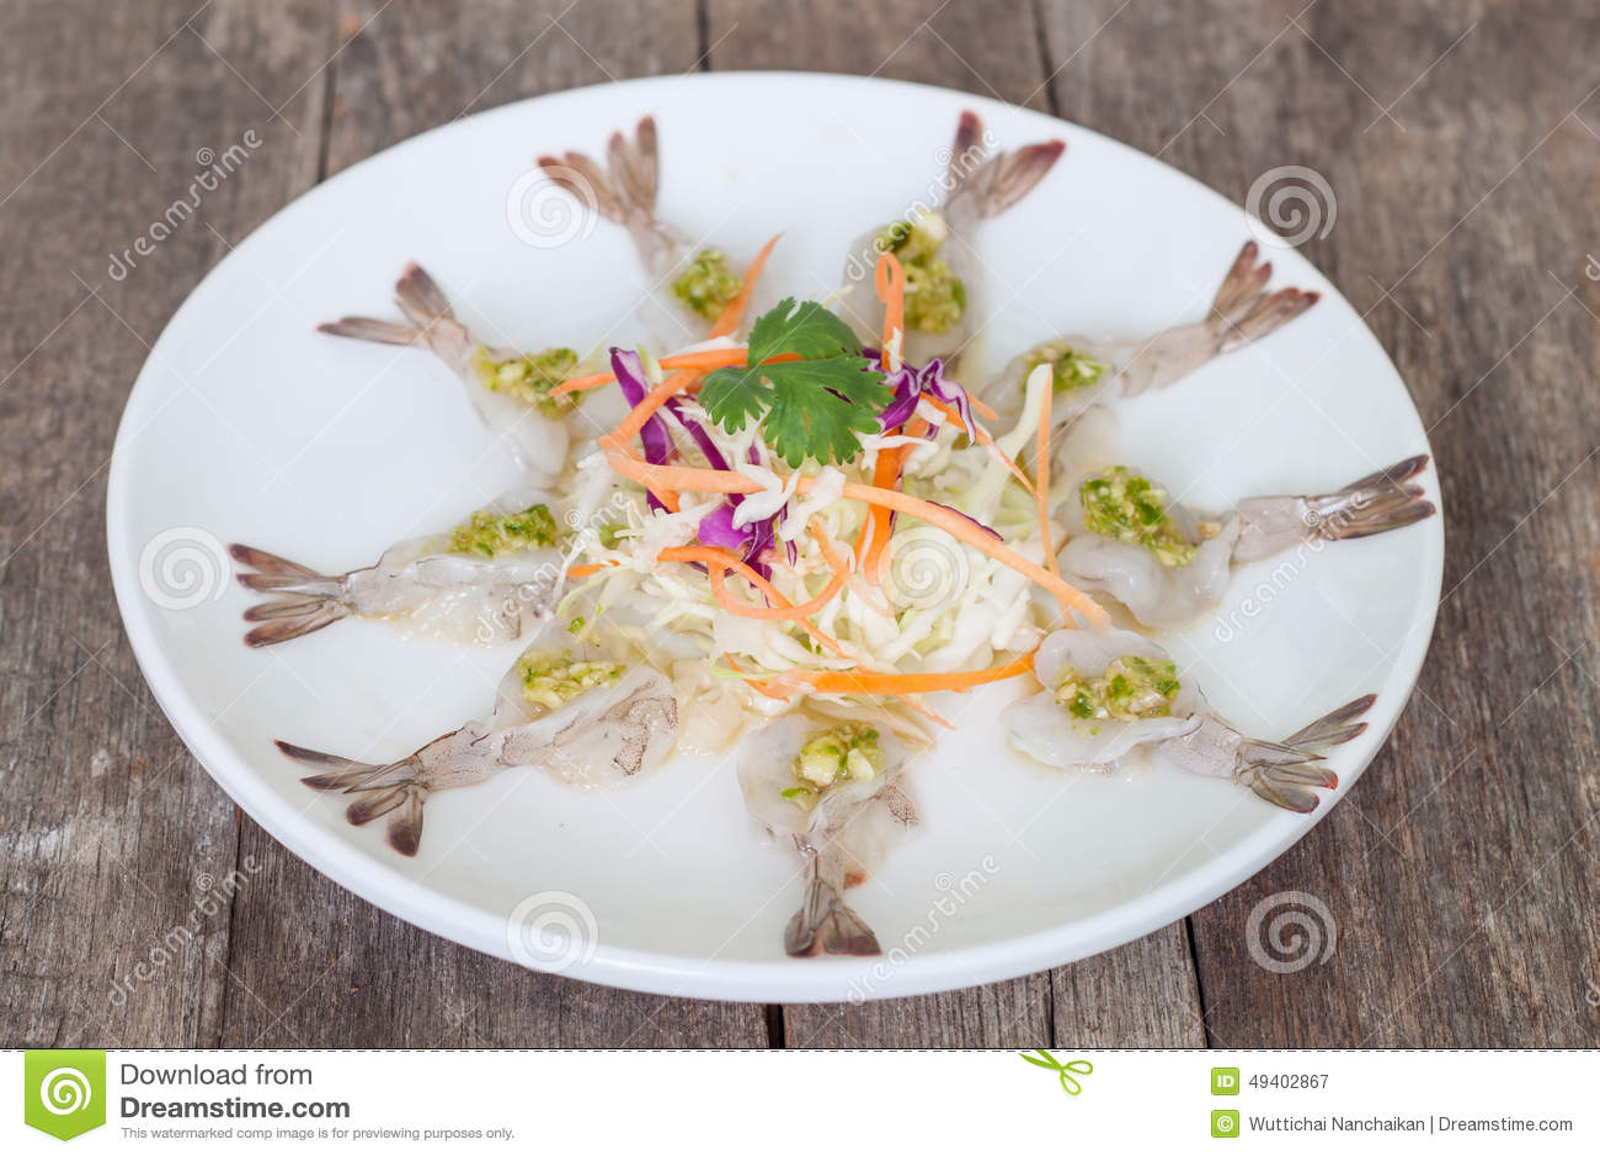 Download Salat Mit Frischen Garnelen Stockbild - Bild von salat, aperitif: 49402867